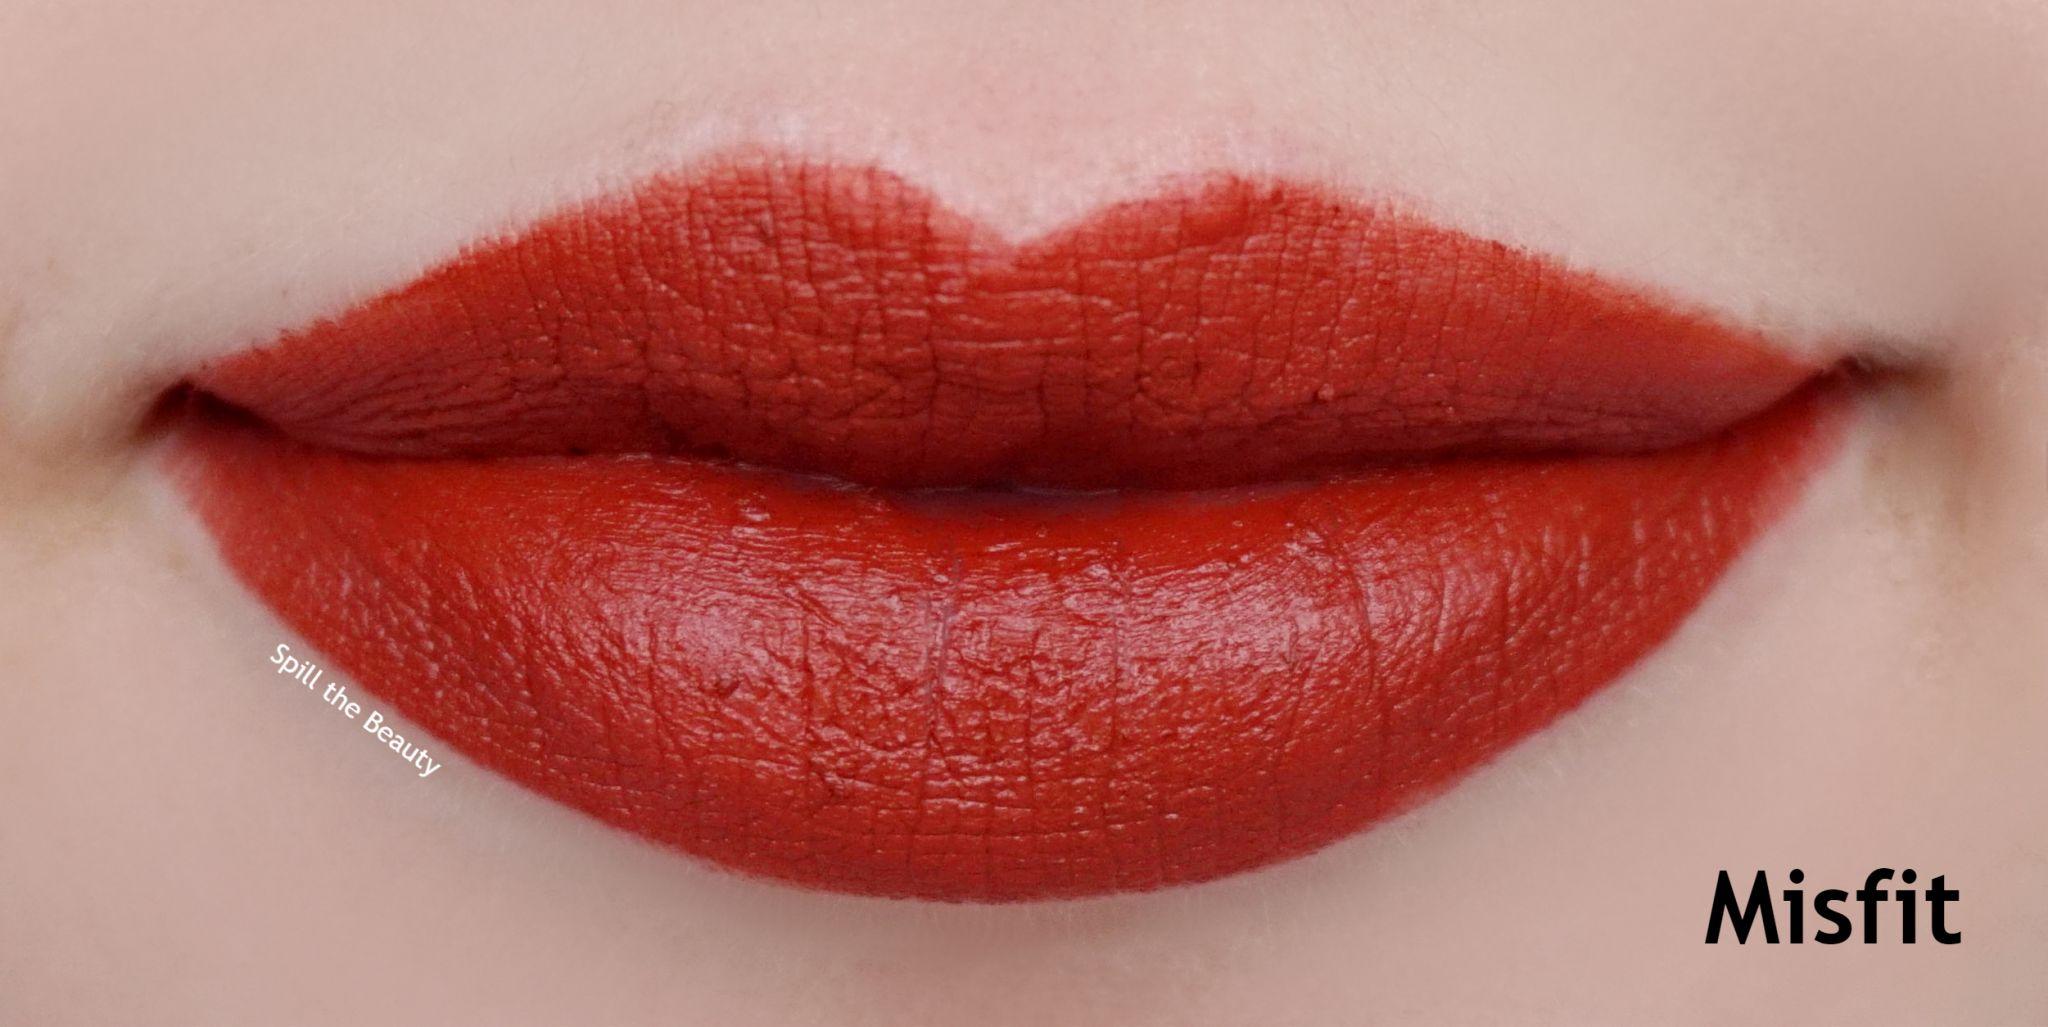 Lip Swatch Saturday Kat Von D Quot Misfit Quot Spill The Beauty